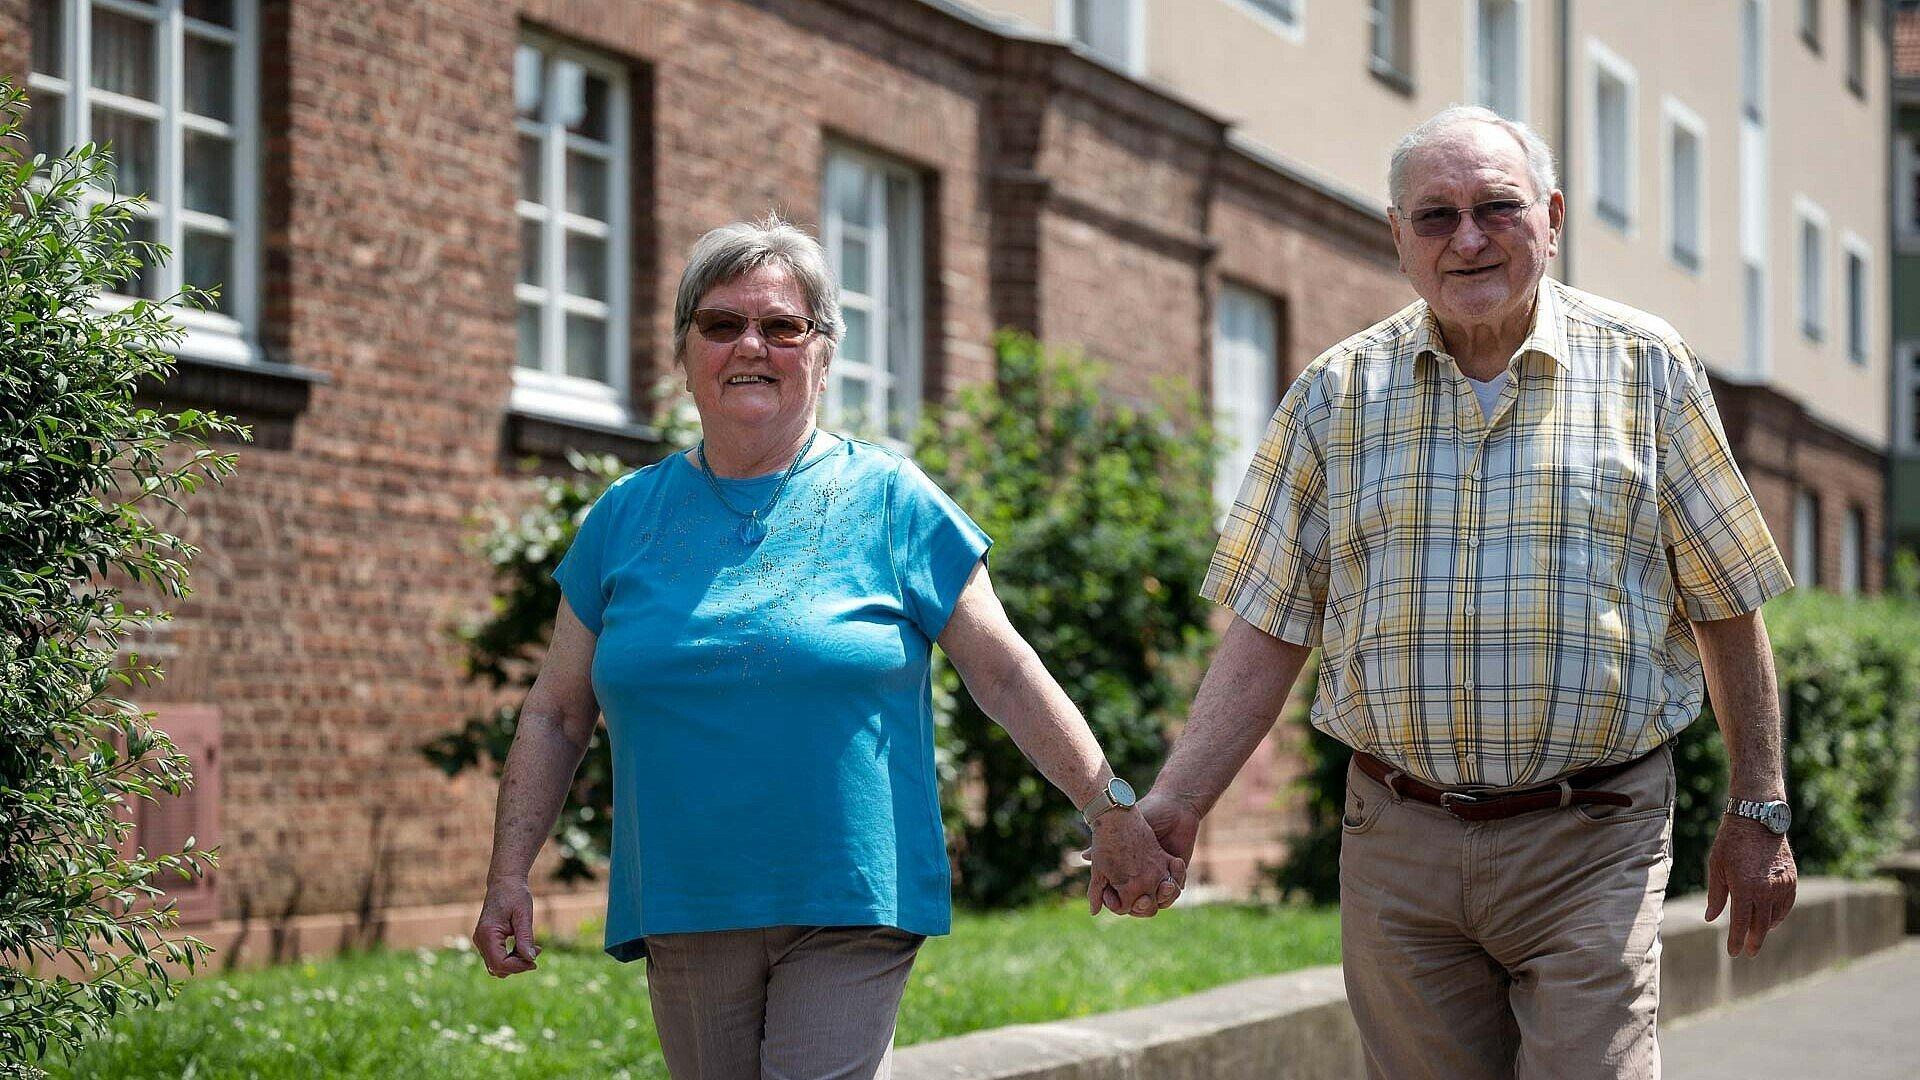 Ehepaar Neubert zu Fuß unterwegs in der Germaniasiedlung in Höhenberg